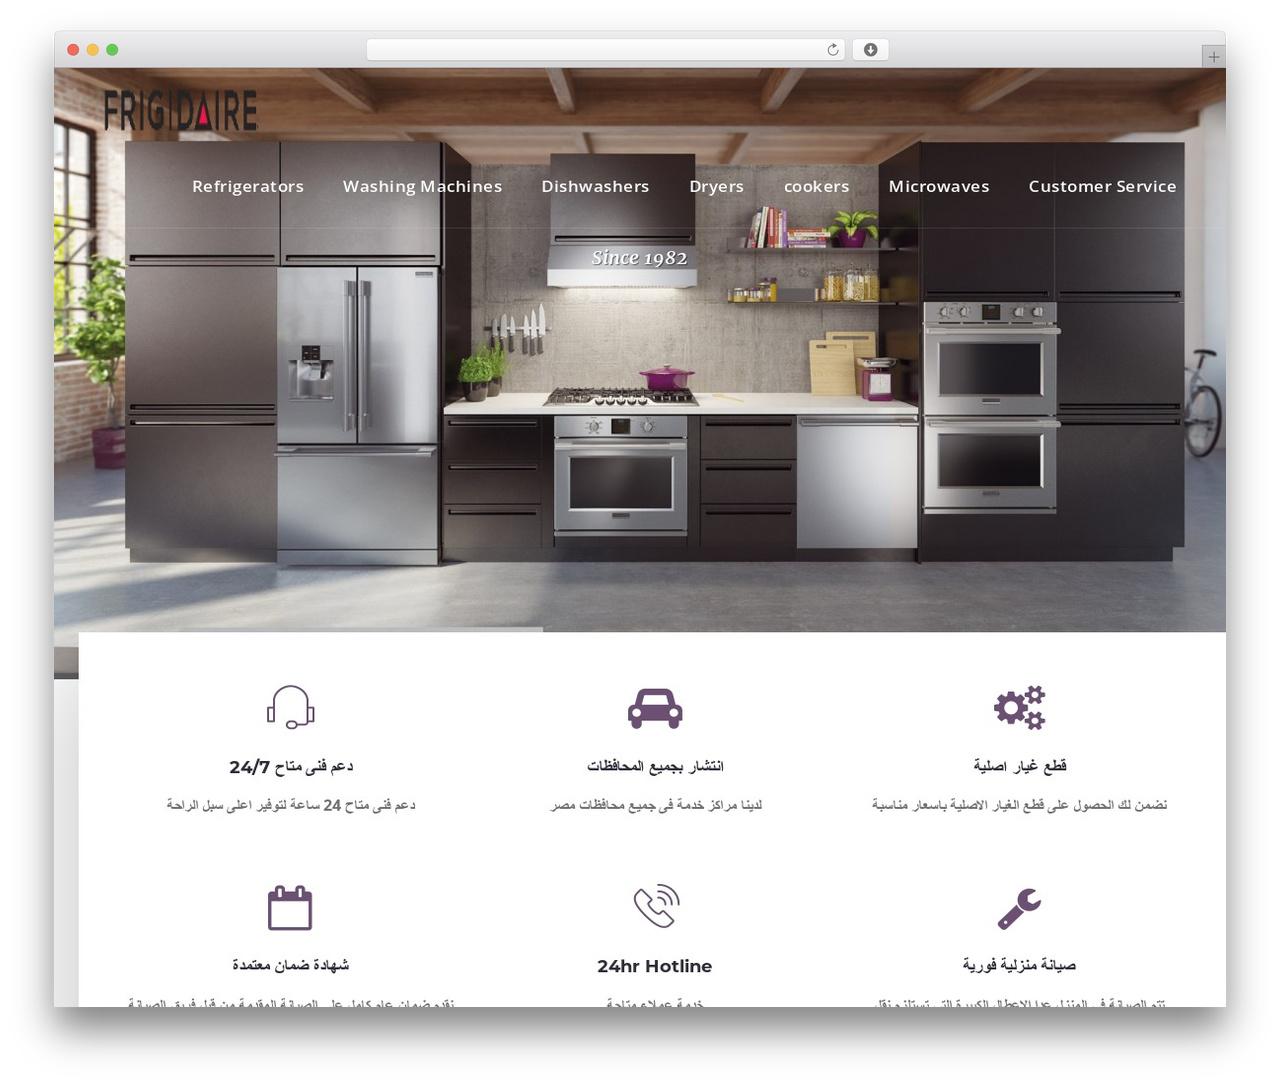 DPR Bruno top WordPress theme - frigidaire-egypt.com